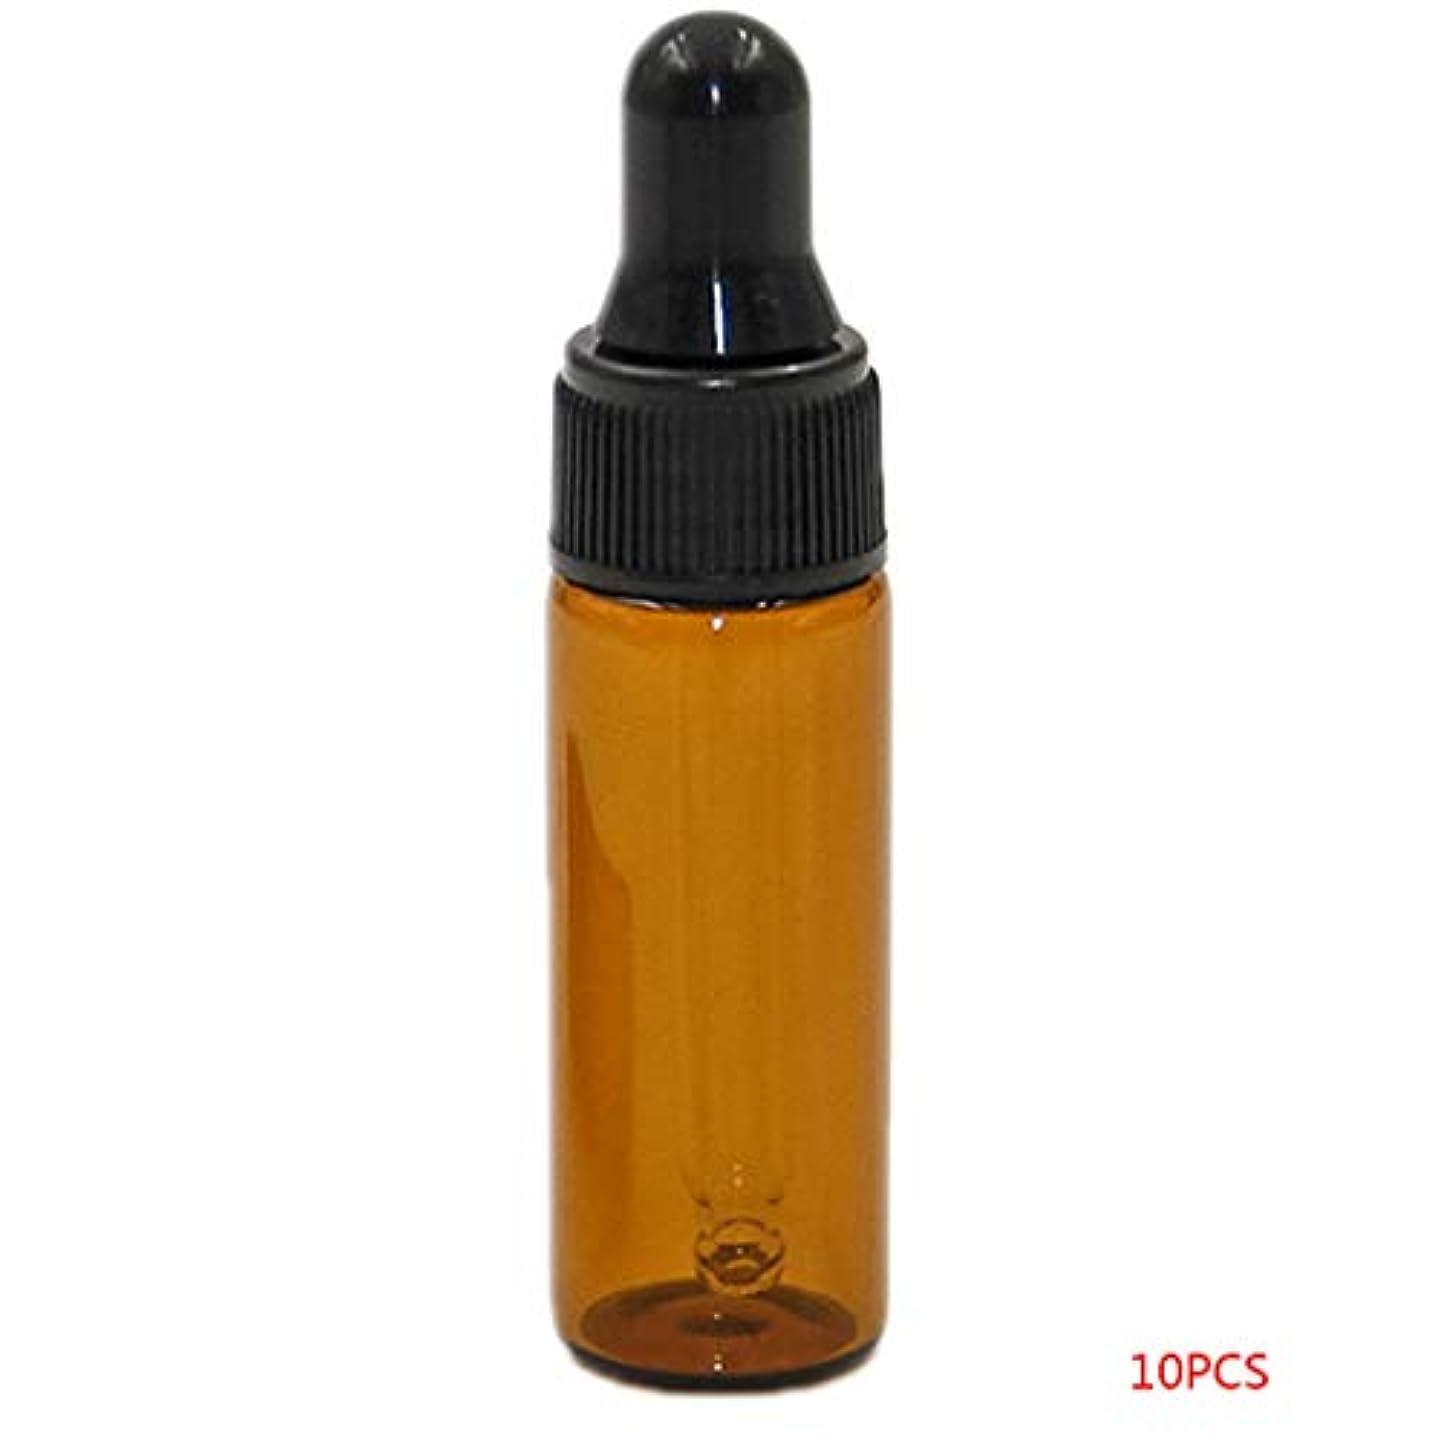 申し立てられたルアースローuzinby アロマオイル 精油 小分け用 遮光瓶 セット 茶 ガラス アロマ ボトル オイル 用 茶色 瓶 ビン エッセンシャルオイル 保存 詰替え 瓶 ビン